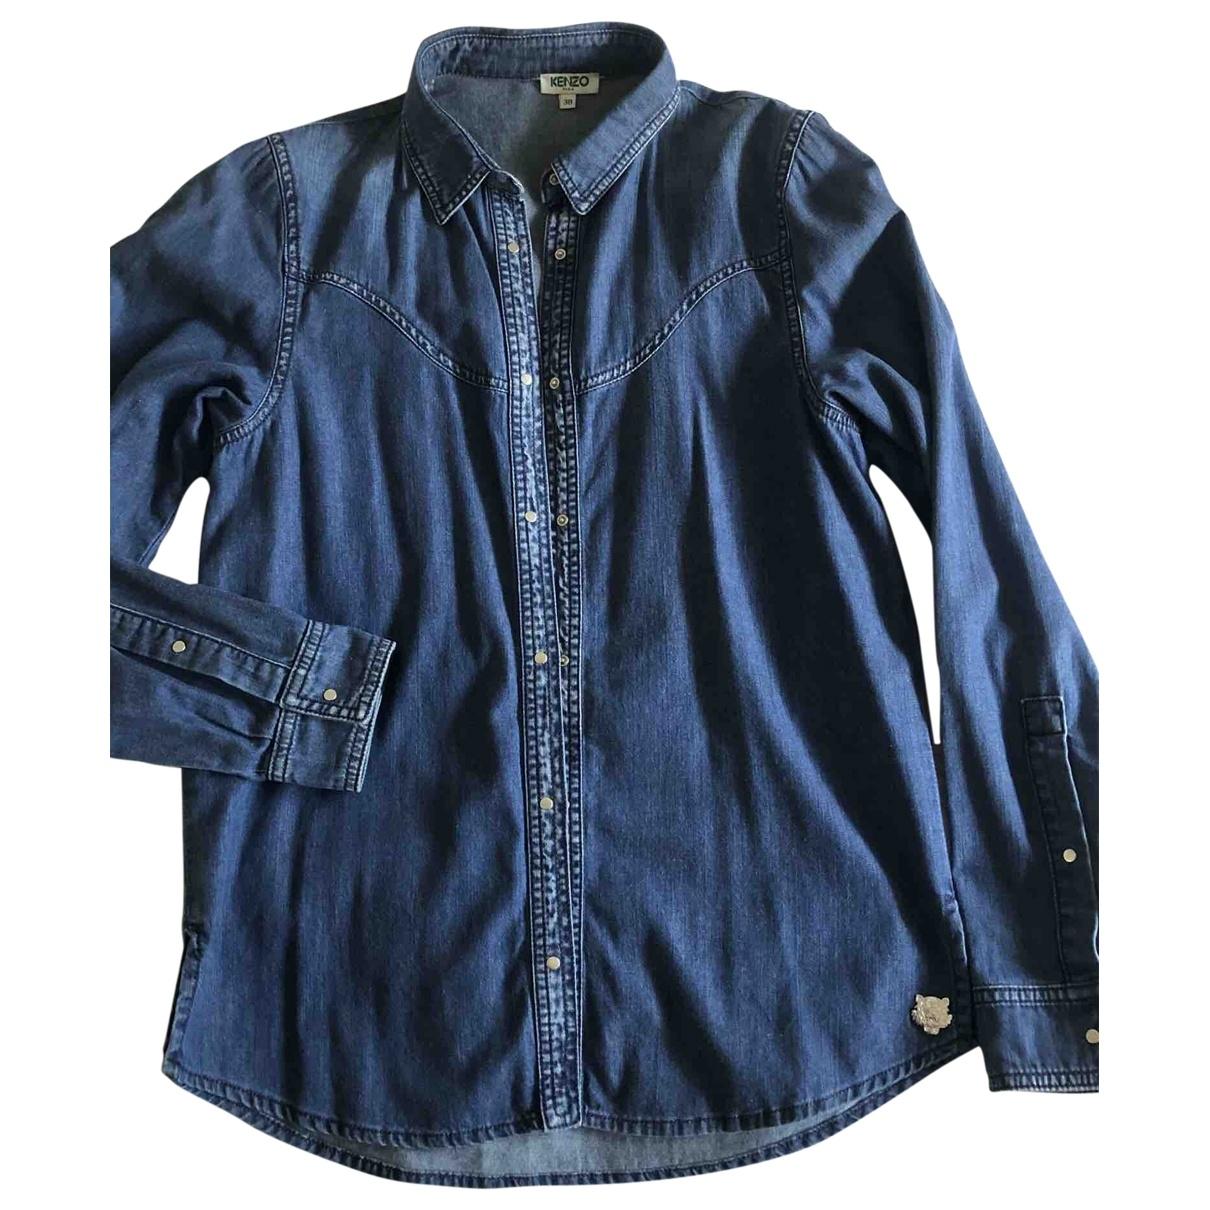 Kenzo \N Top in  Blau Denim - Jeans